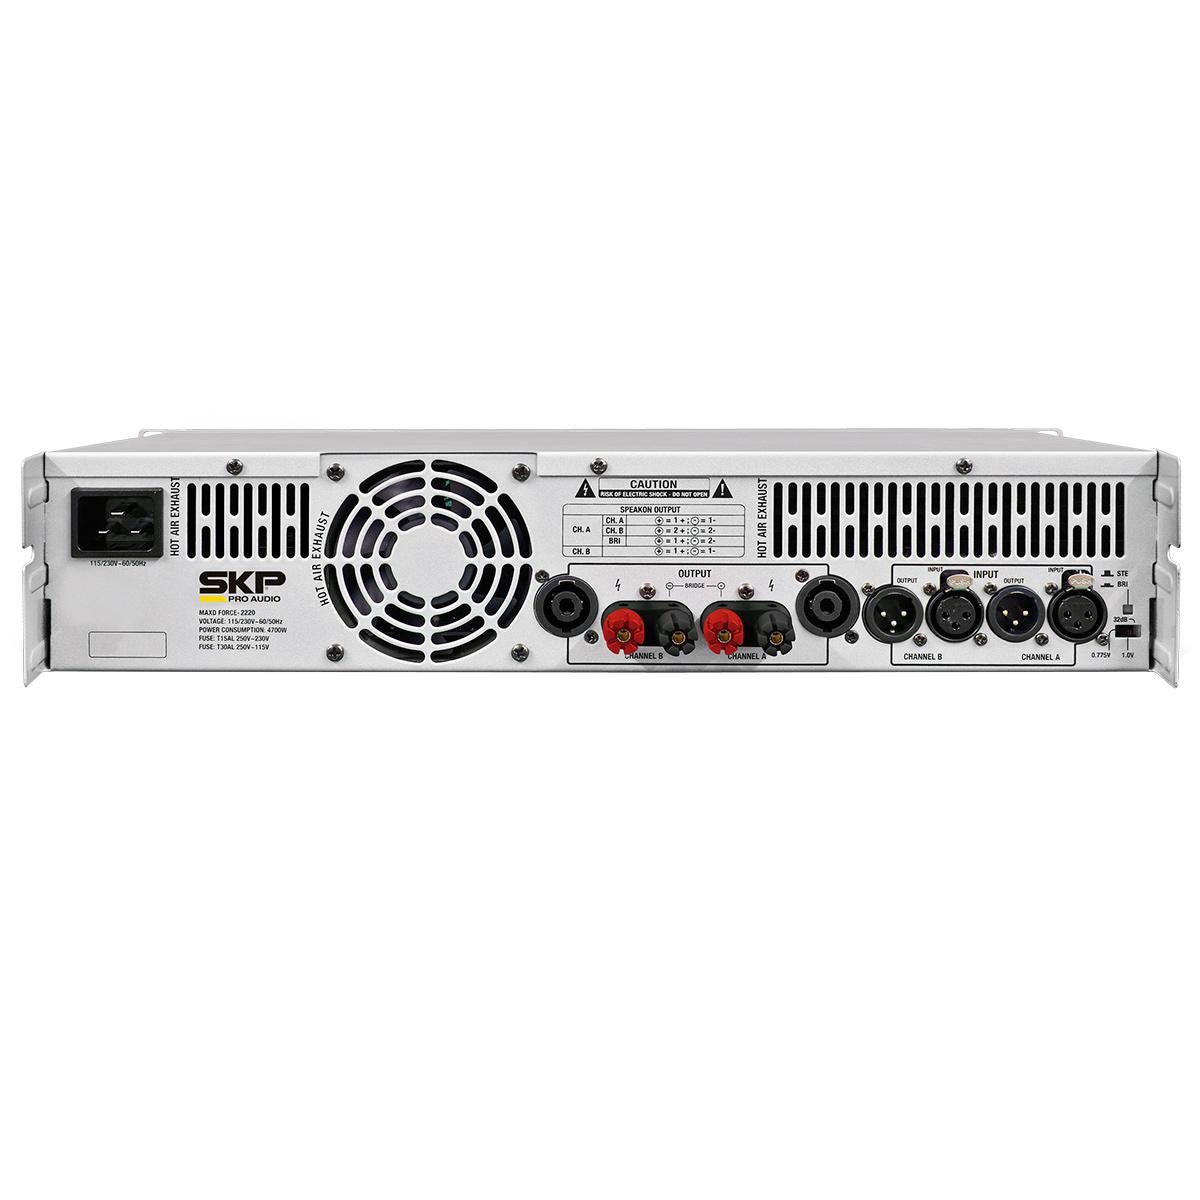 MAXDF2220 - Amplificador Est�reo 2 Canais 2200W MAXD Force 2220 - SKP